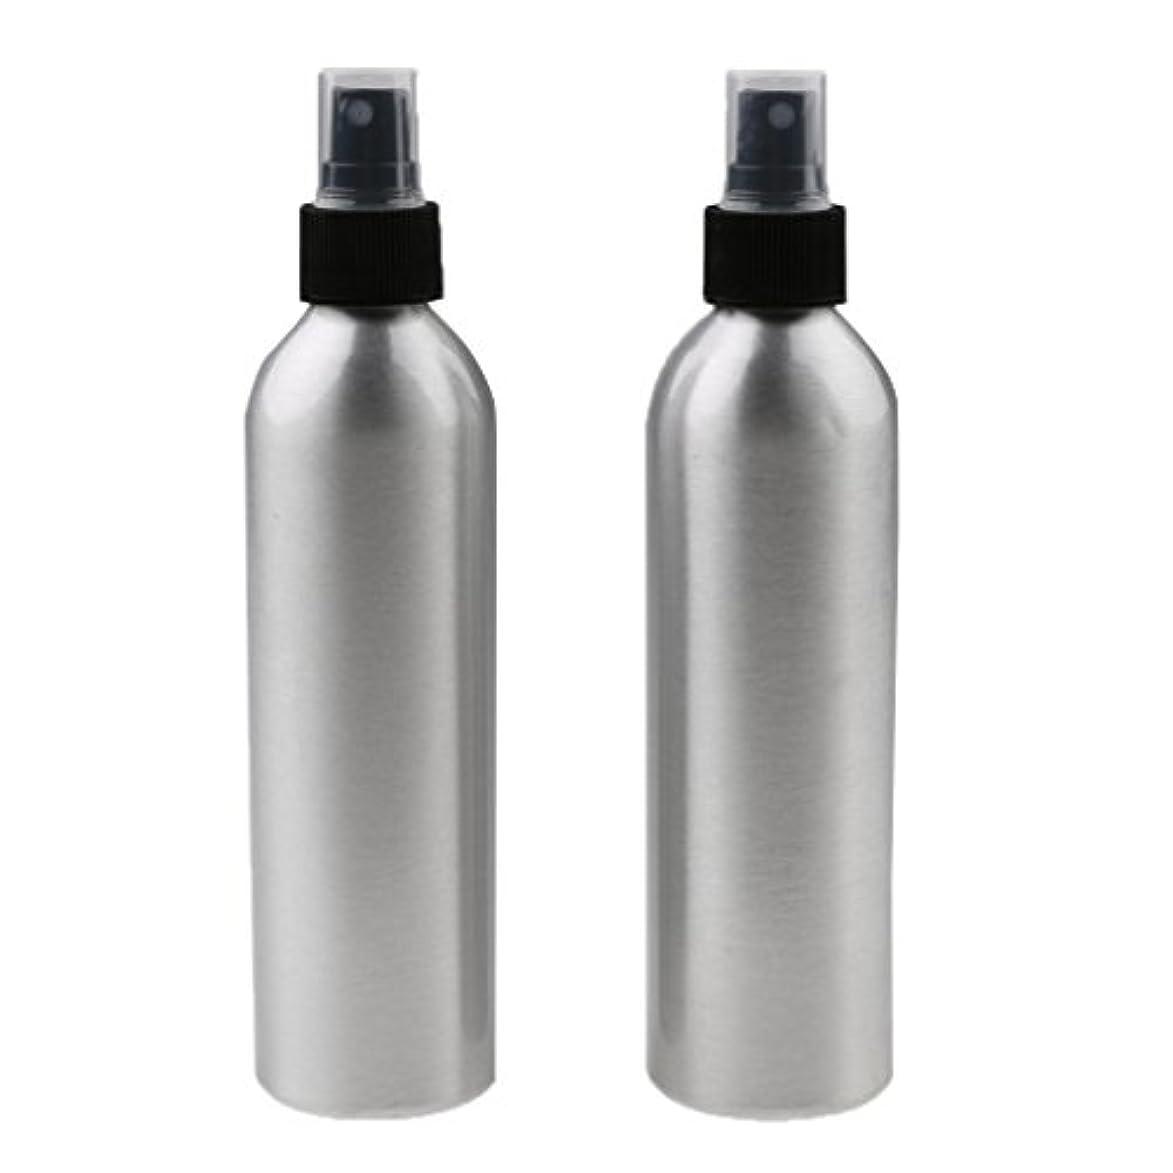 引き渡すスキャンダラスその間SONONIA 2個入り 旅行 アルミ ミスト スプレー 香水ボトル メイクアップ スプレー アトマイザー 小分けボトル  漏れ防止 出張 海外旅行用 全4サイズ - 250ml